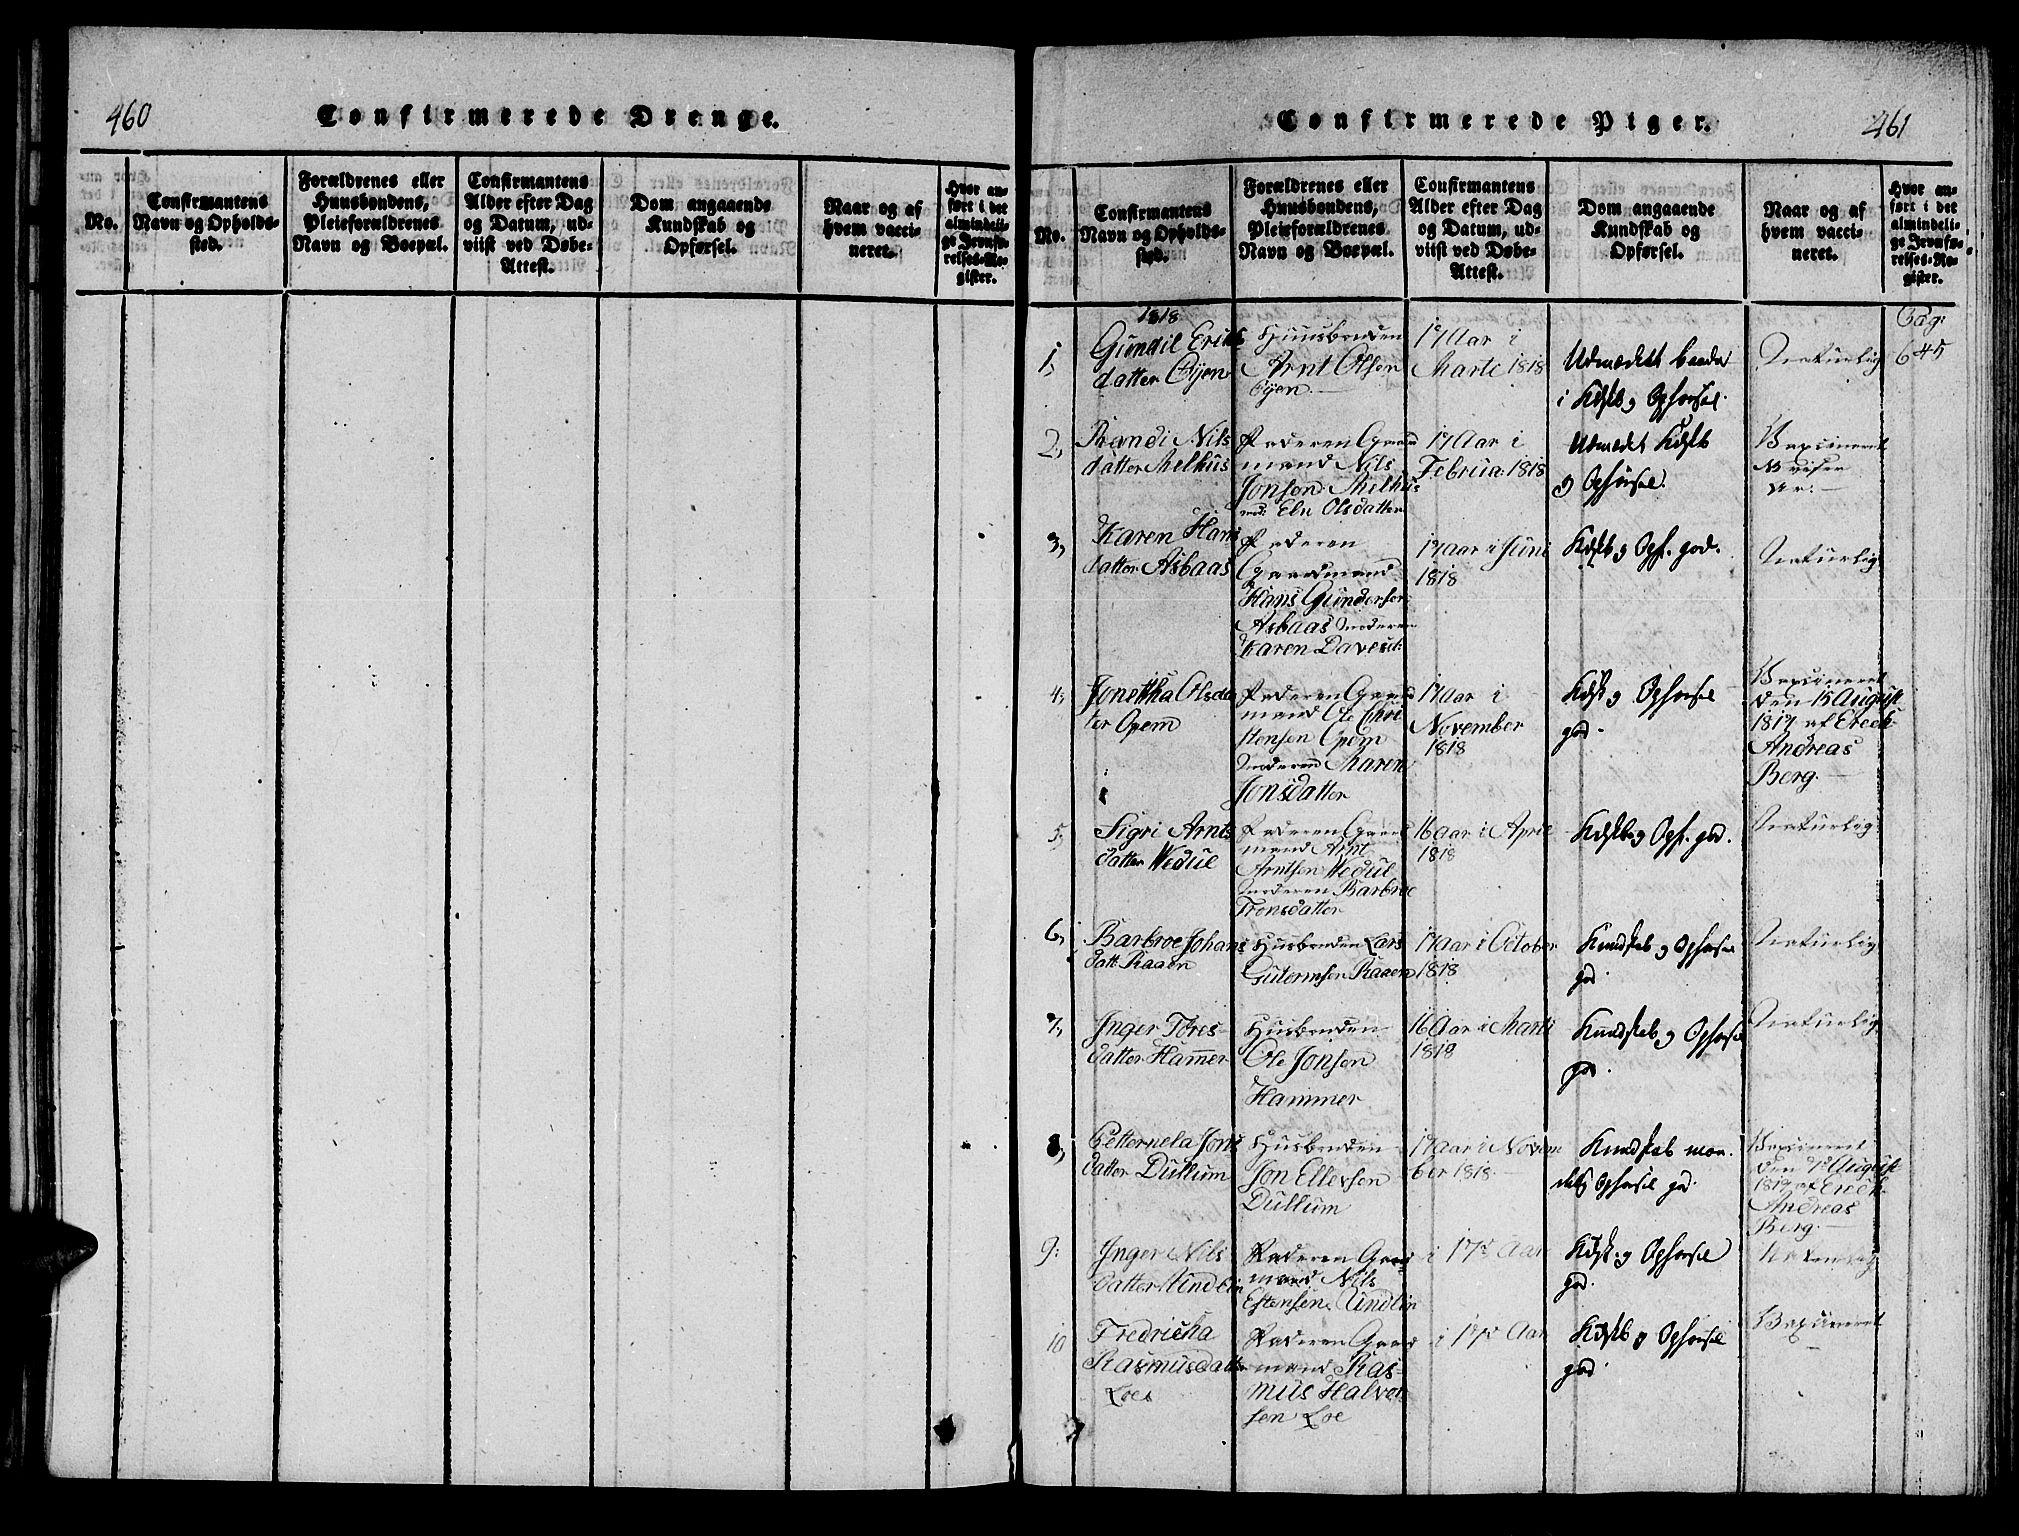 SAT, Ministerialprotokoller, klokkerbøker og fødselsregistre - Nord-Trøndelag, 714/L0132: Klokkerbok nr. 714C01, 1817-1824, s. 460-461